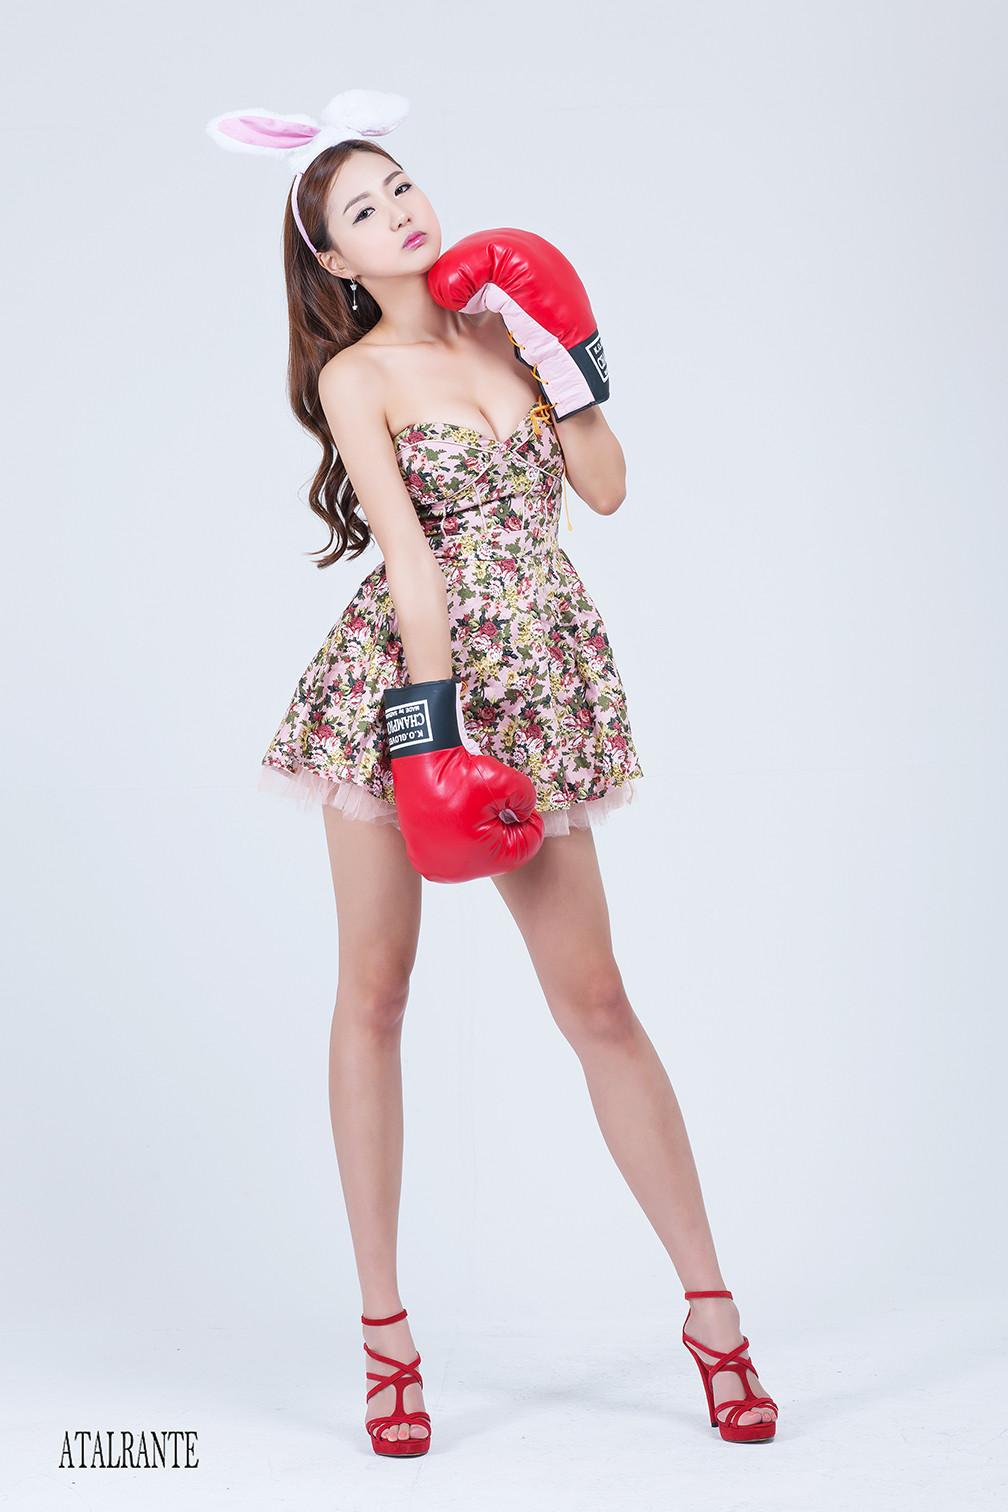 [Eun Jung] 2012.11.07